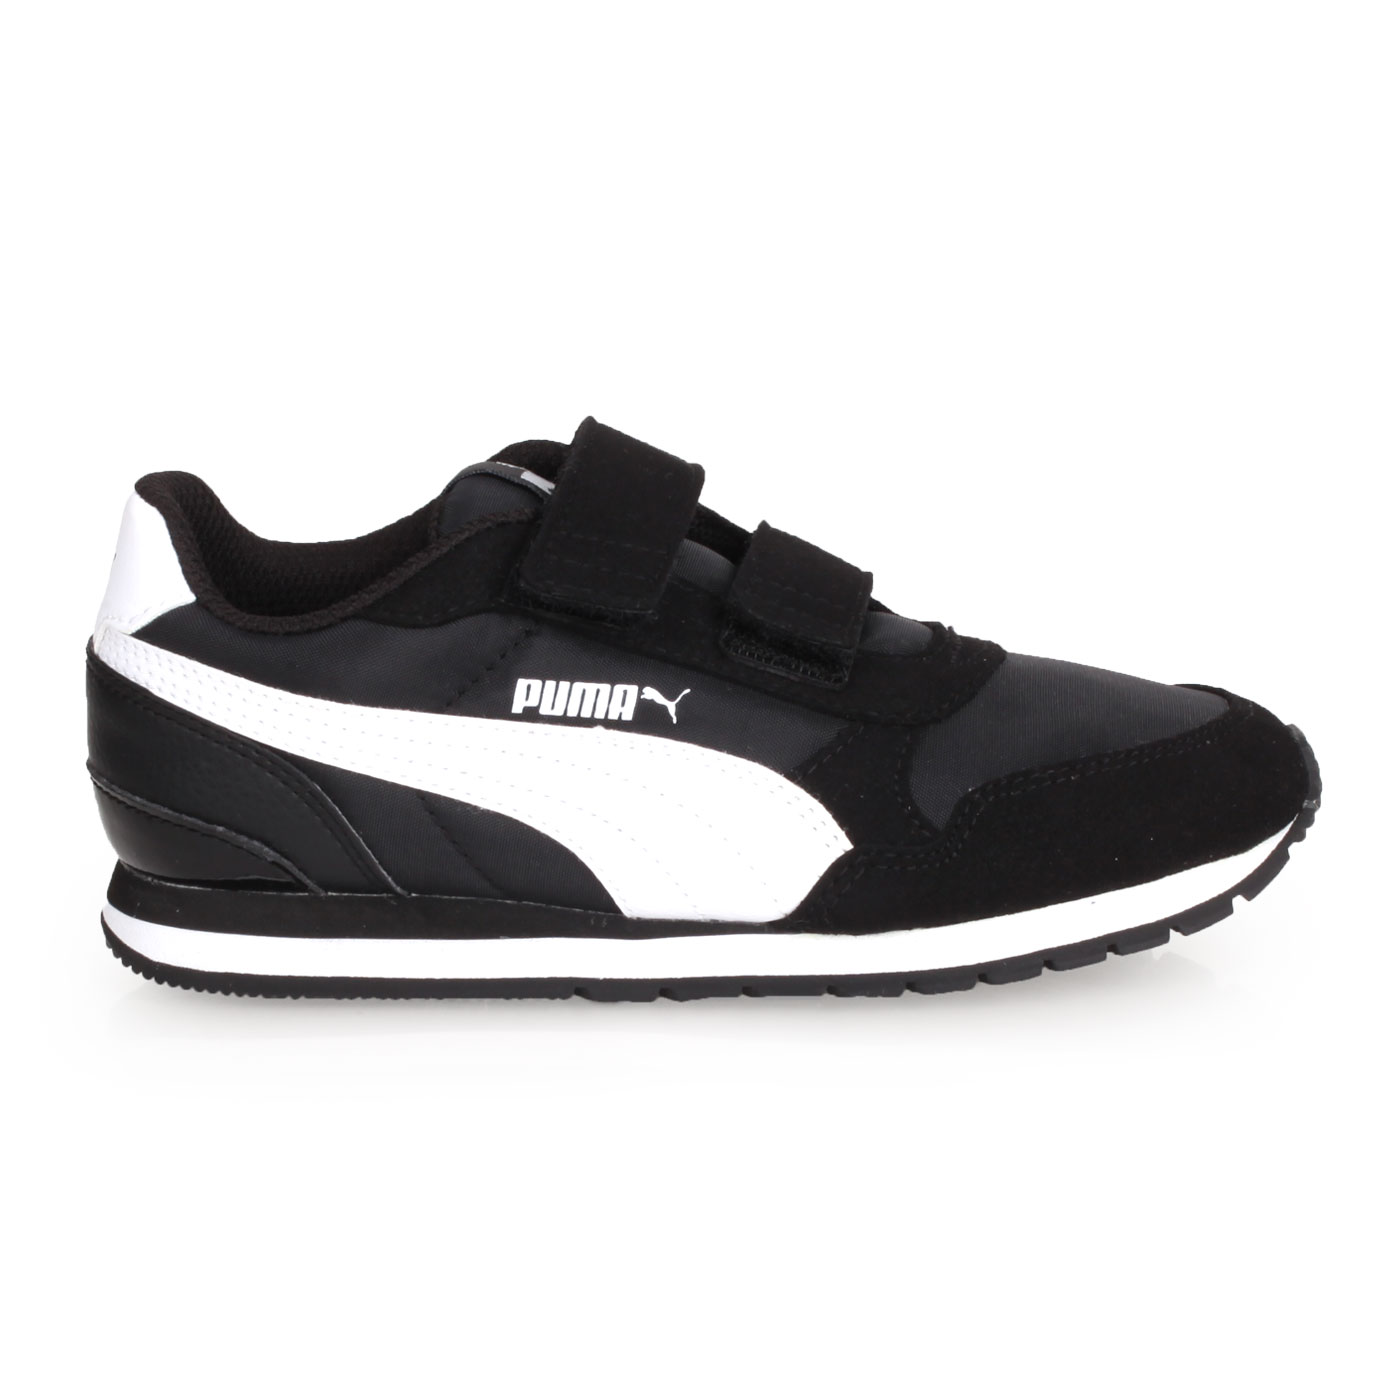 PUMA 中童復古慢跑鞋  @ST Runner v2 NL V PS@36529401 - 黑白